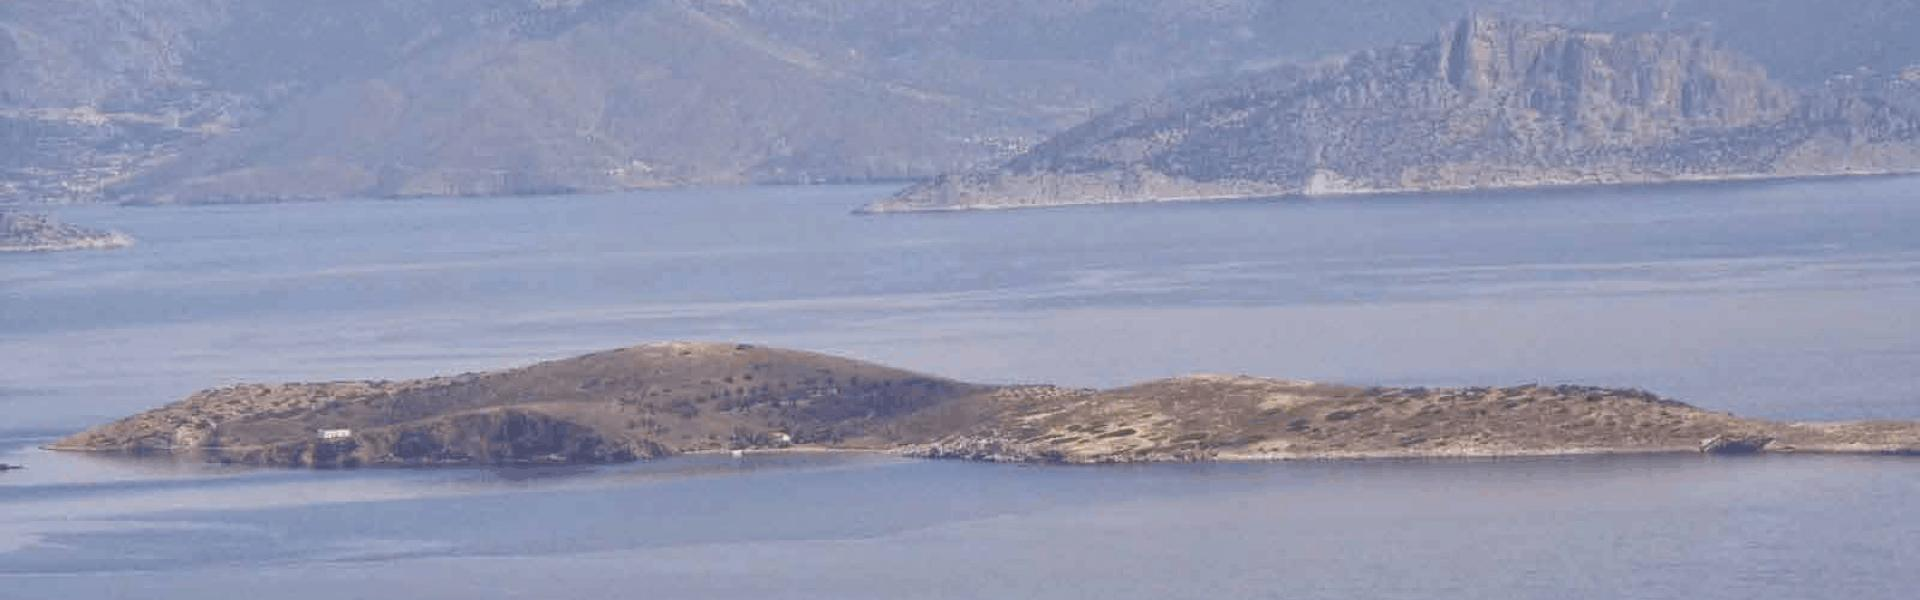 alkionides islands